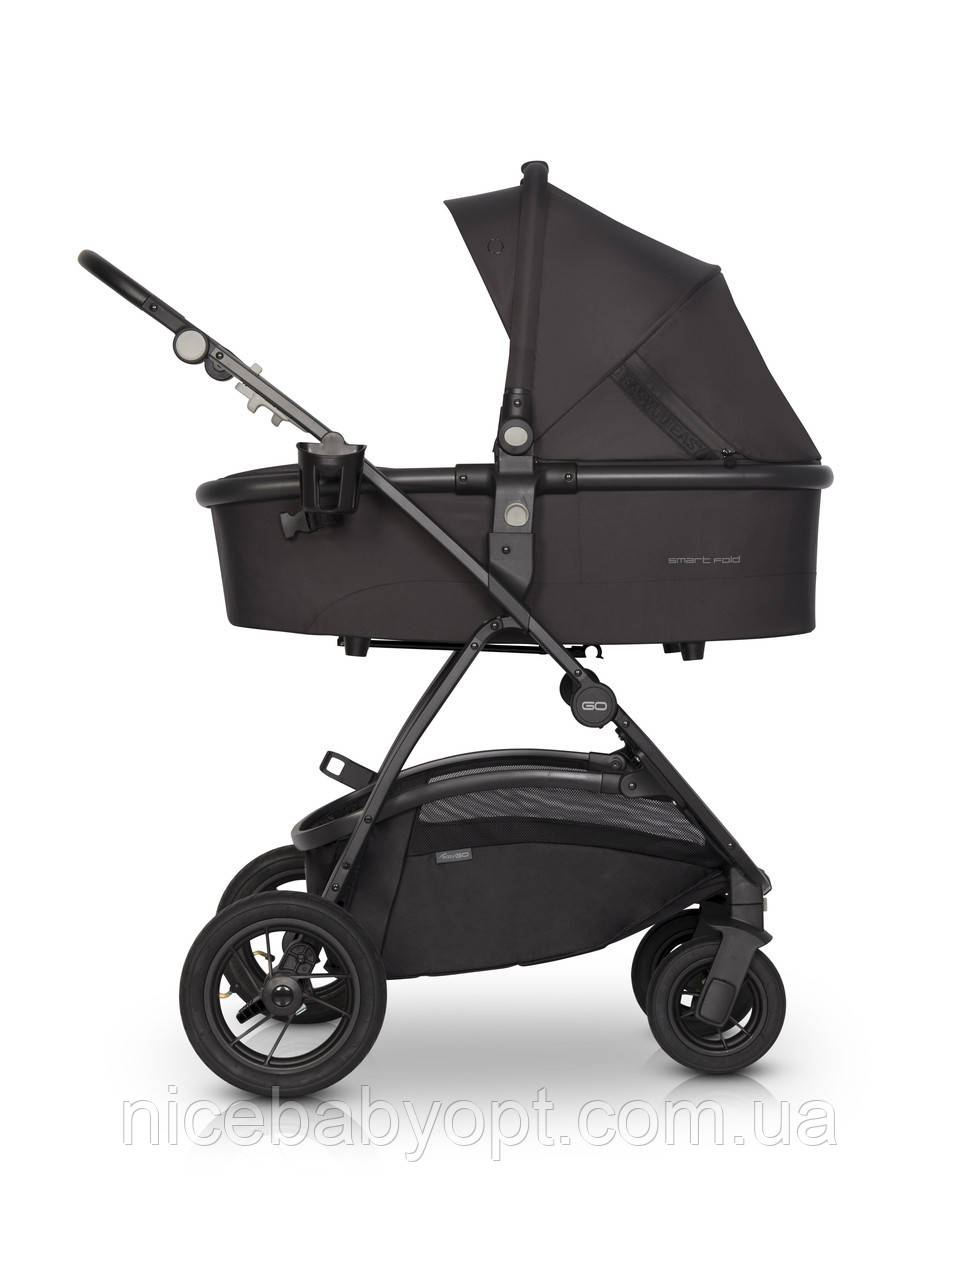 Дитяча універсальна коляска 2в1 EasyGo Optimo Air Basalt